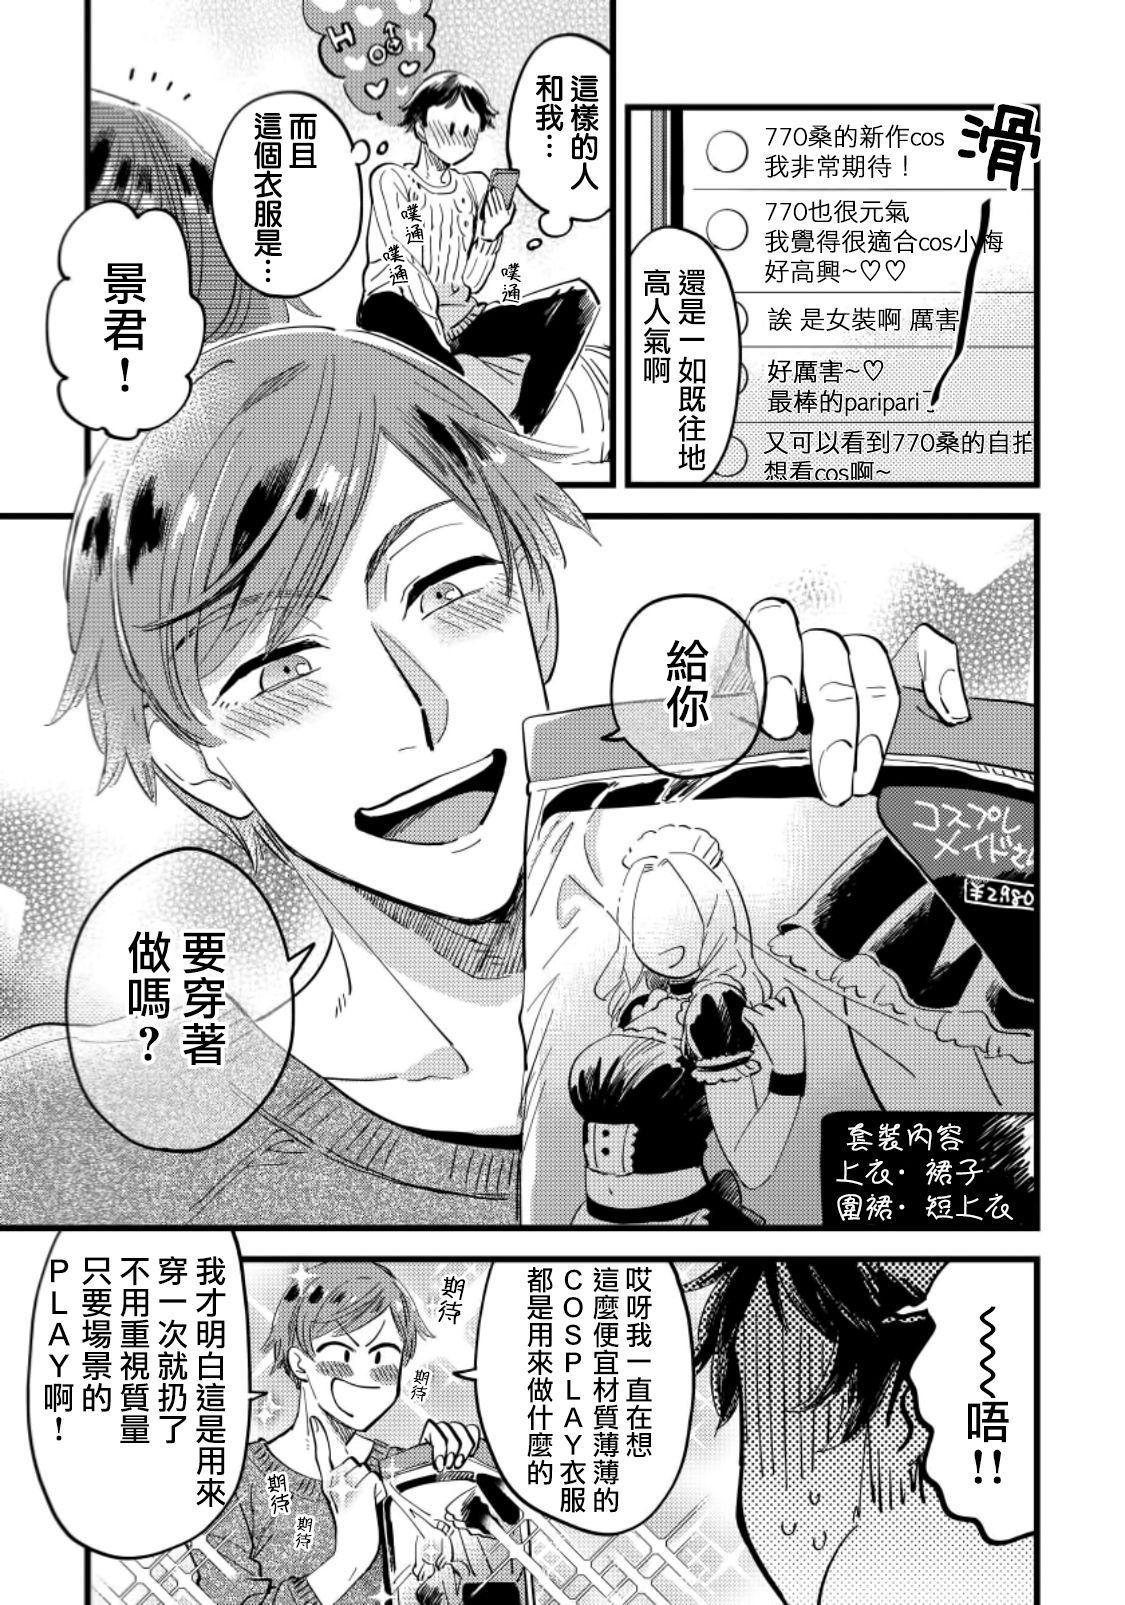 Josou Onii-san ga Nonke o Torotoro ni Naru made Kaihatsu Shitara 4 丨女裝大哥哥把直男黏糊糊的地方開發了的話 只靠後面高潮的樣子讓我看看吧 4 25